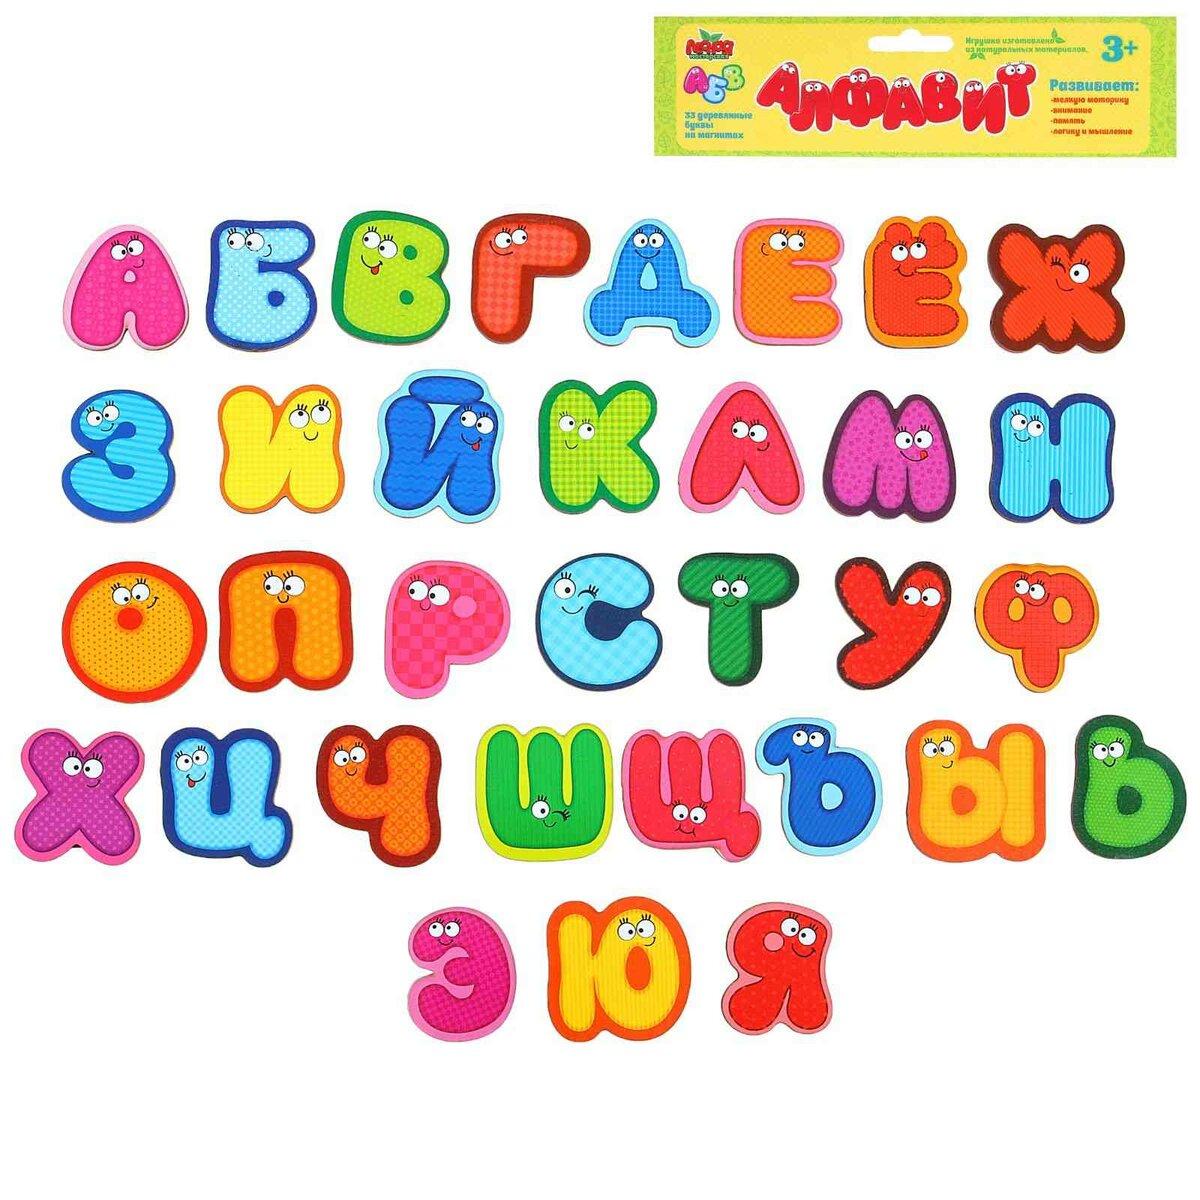 мультяшные буквы для оформления в картинках главная